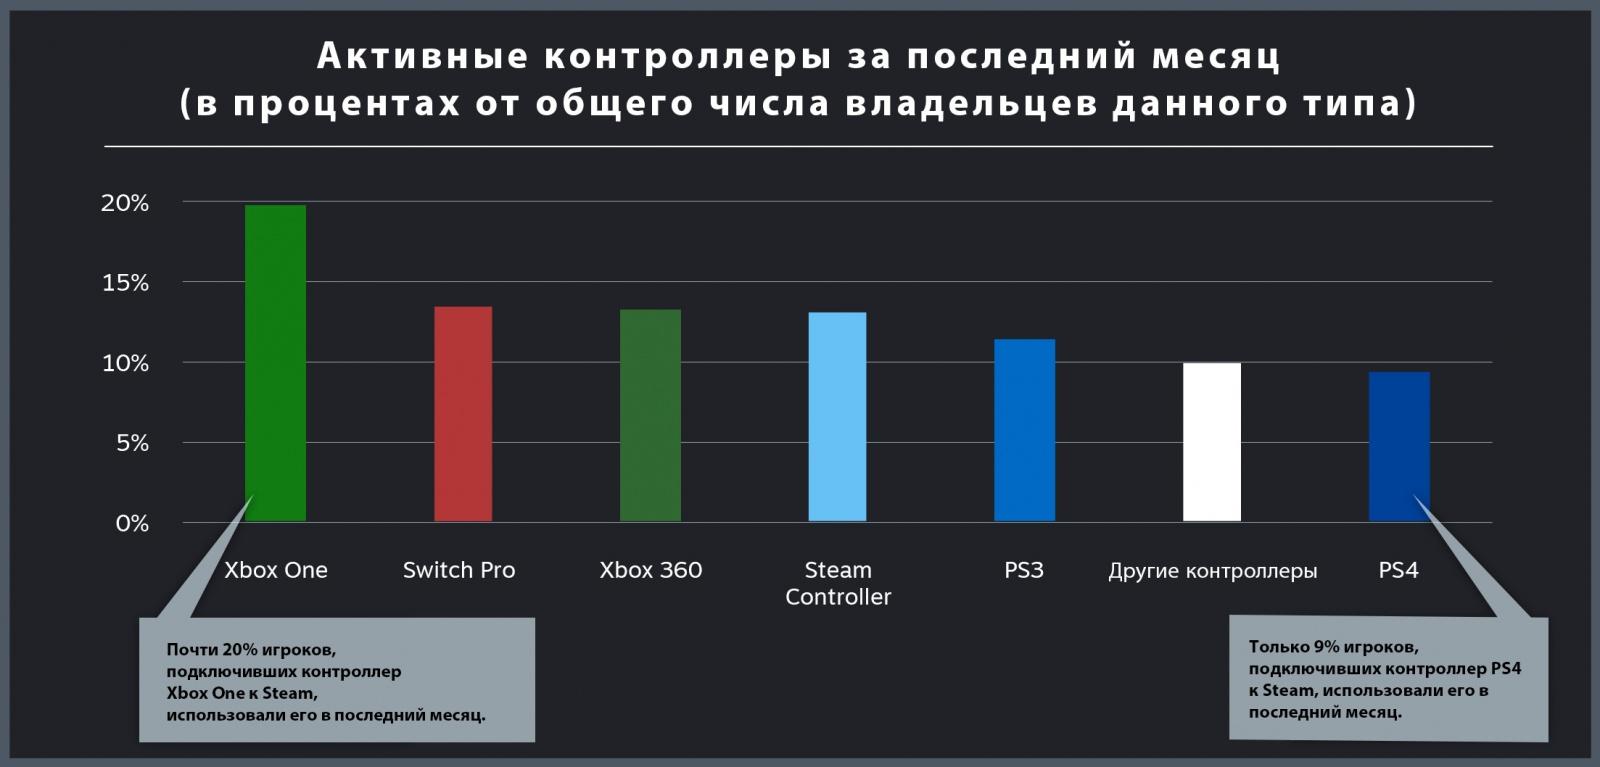 Компания Valve представила рейтинг игровых контроллеров, используемых в Steam - 3